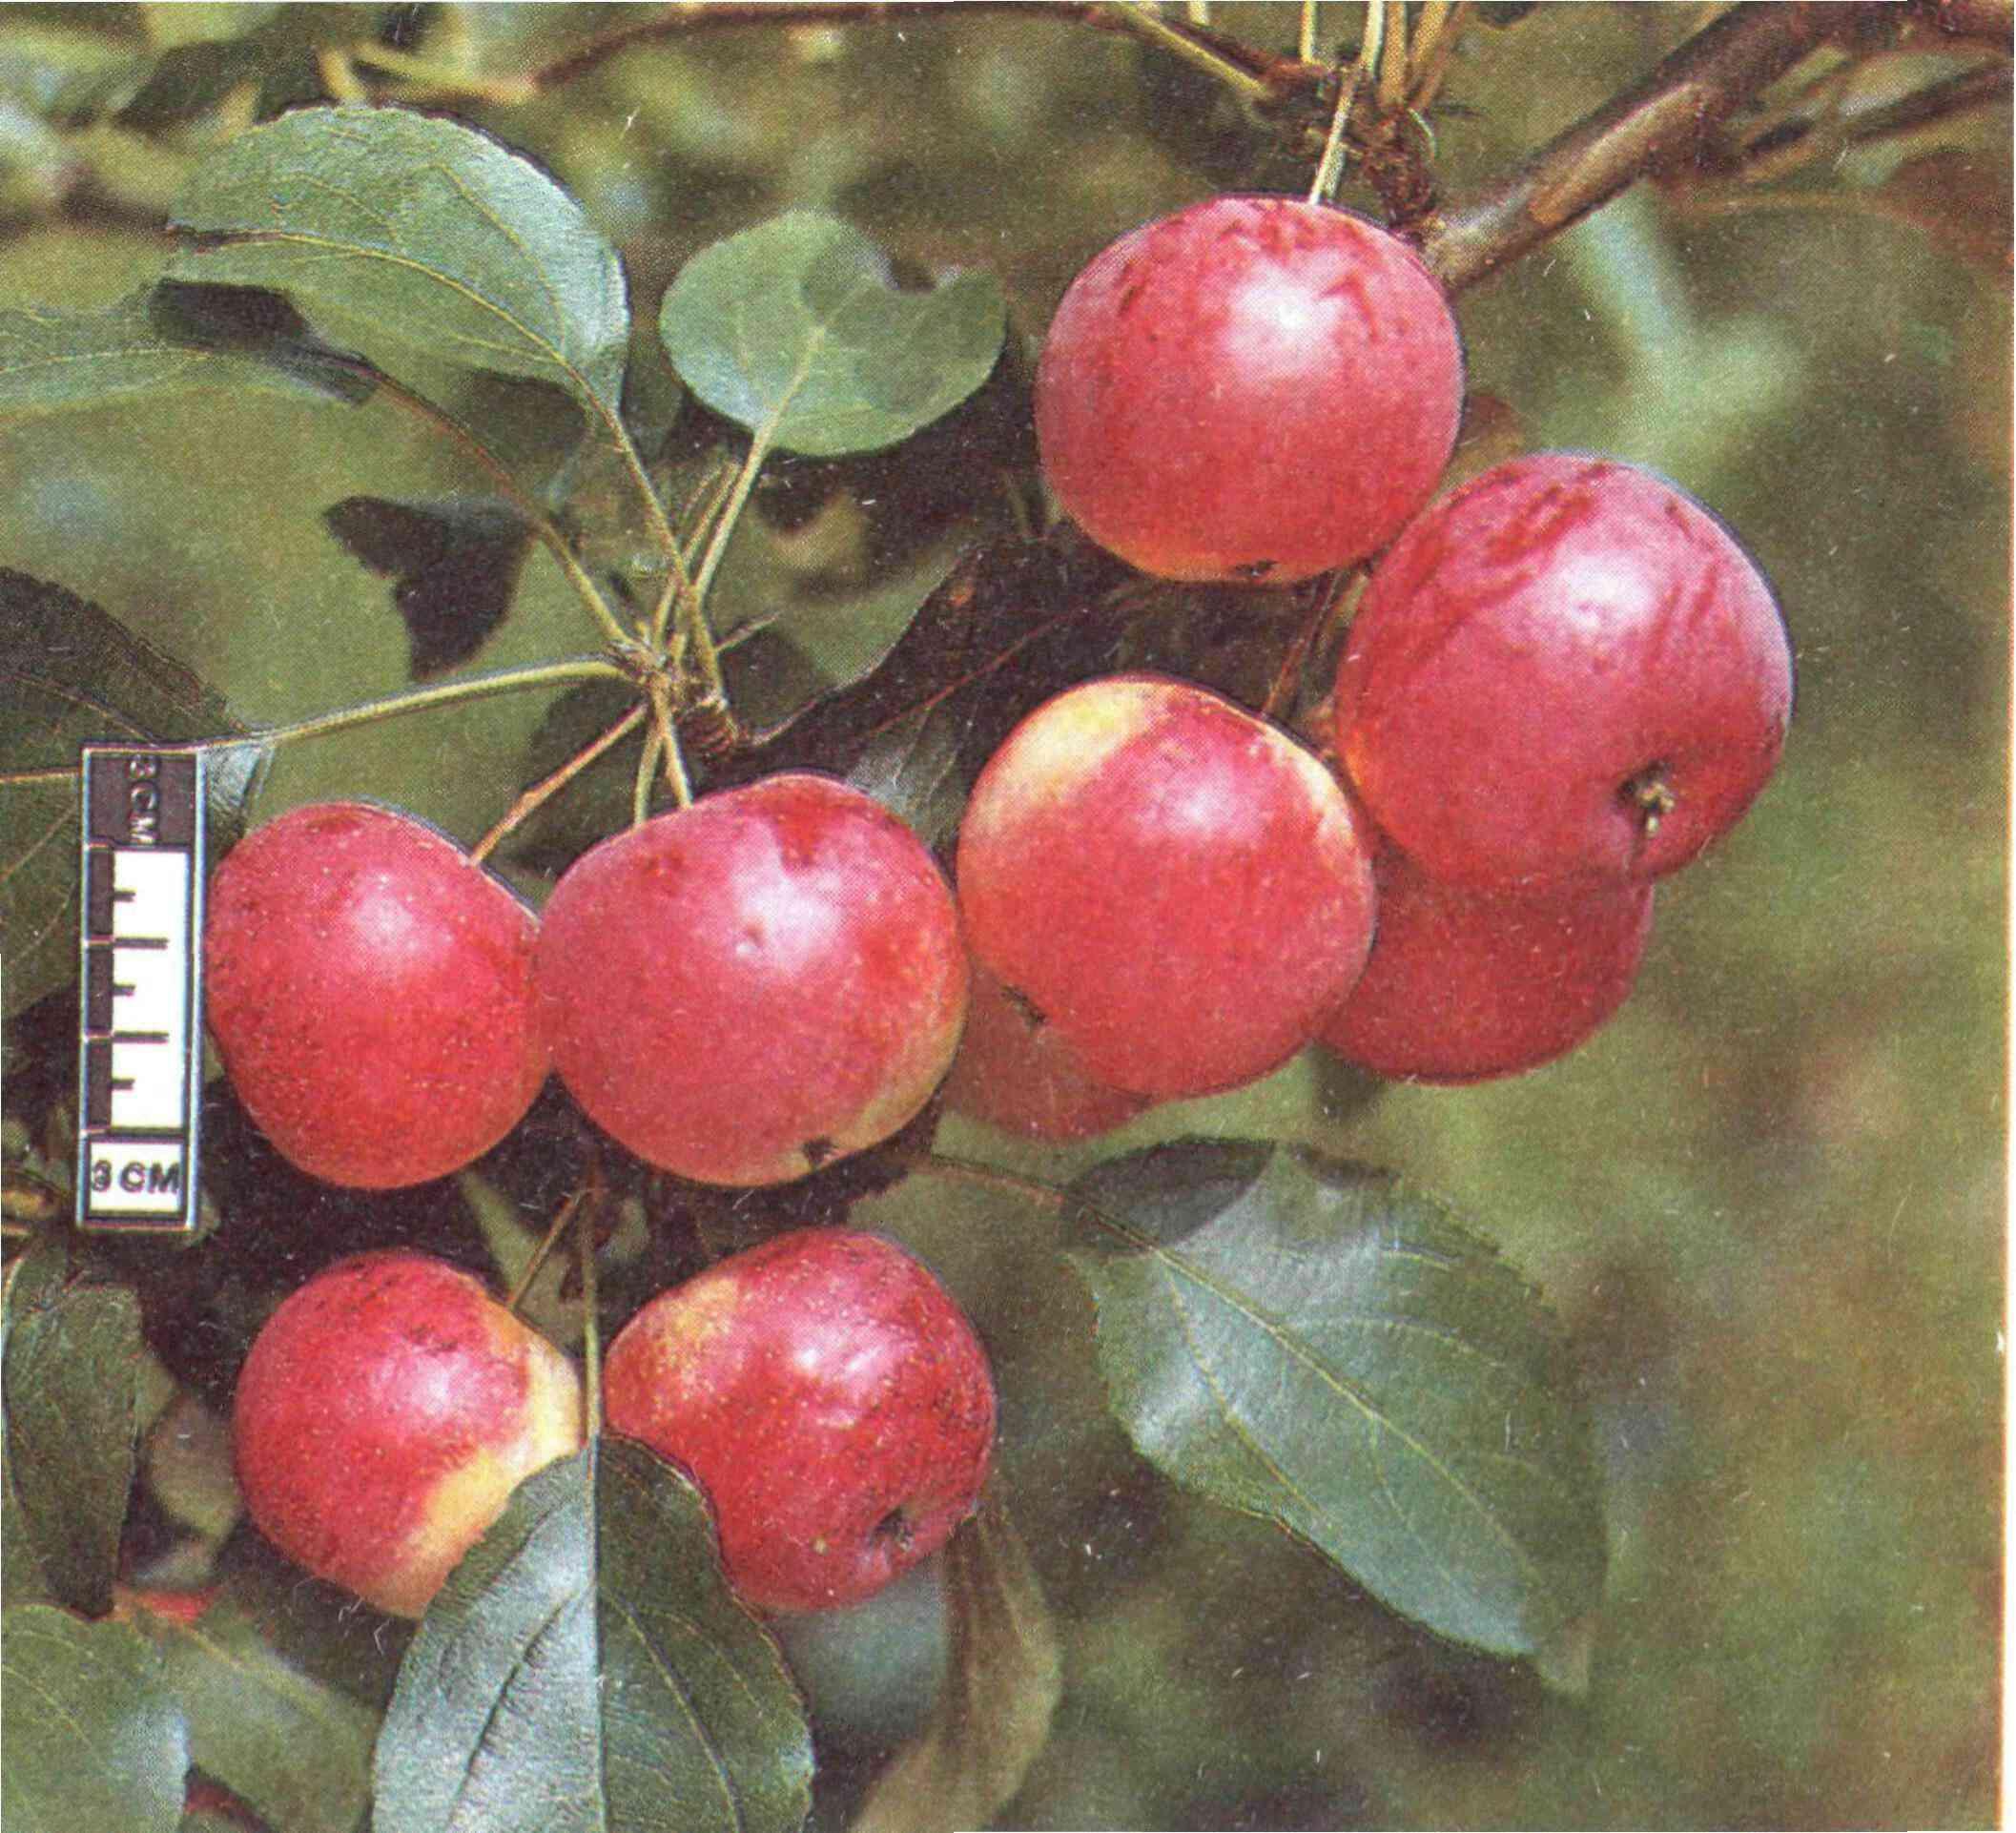 показалось мне яблоня жар птица описание фото срезал